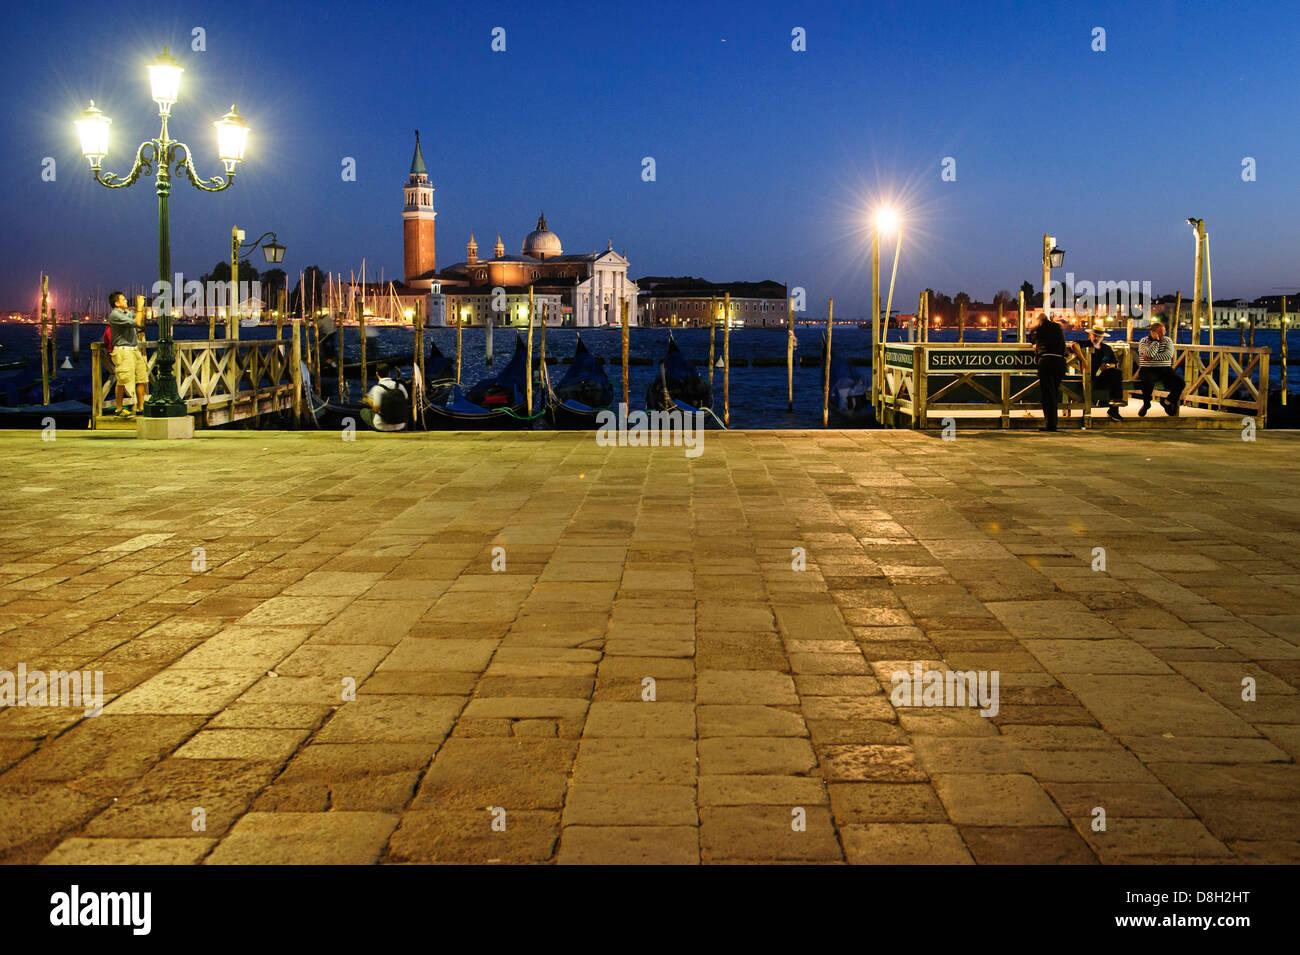 Gondoliere in Venedig Hafen bei Nacht, Venedig, Italien. Stockfoto